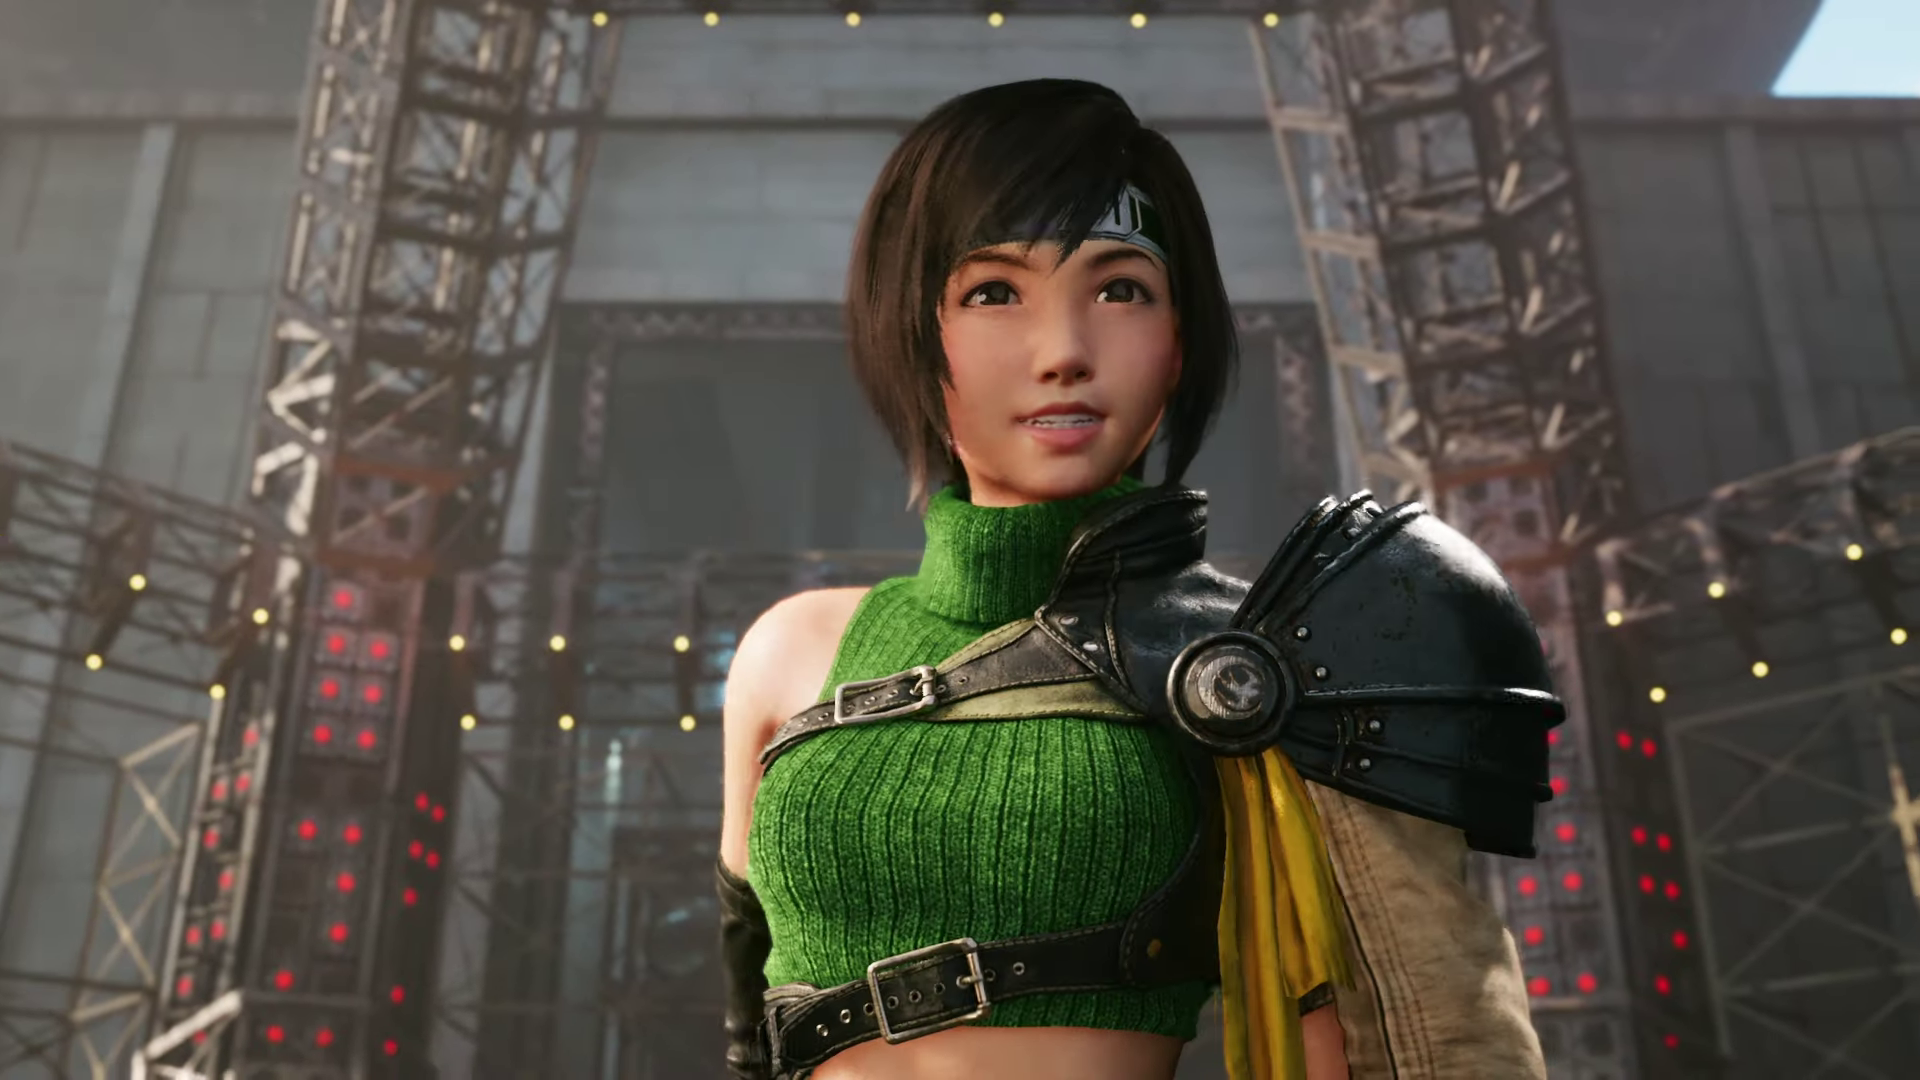 Yuffie from Final Fantasy 7 Remake